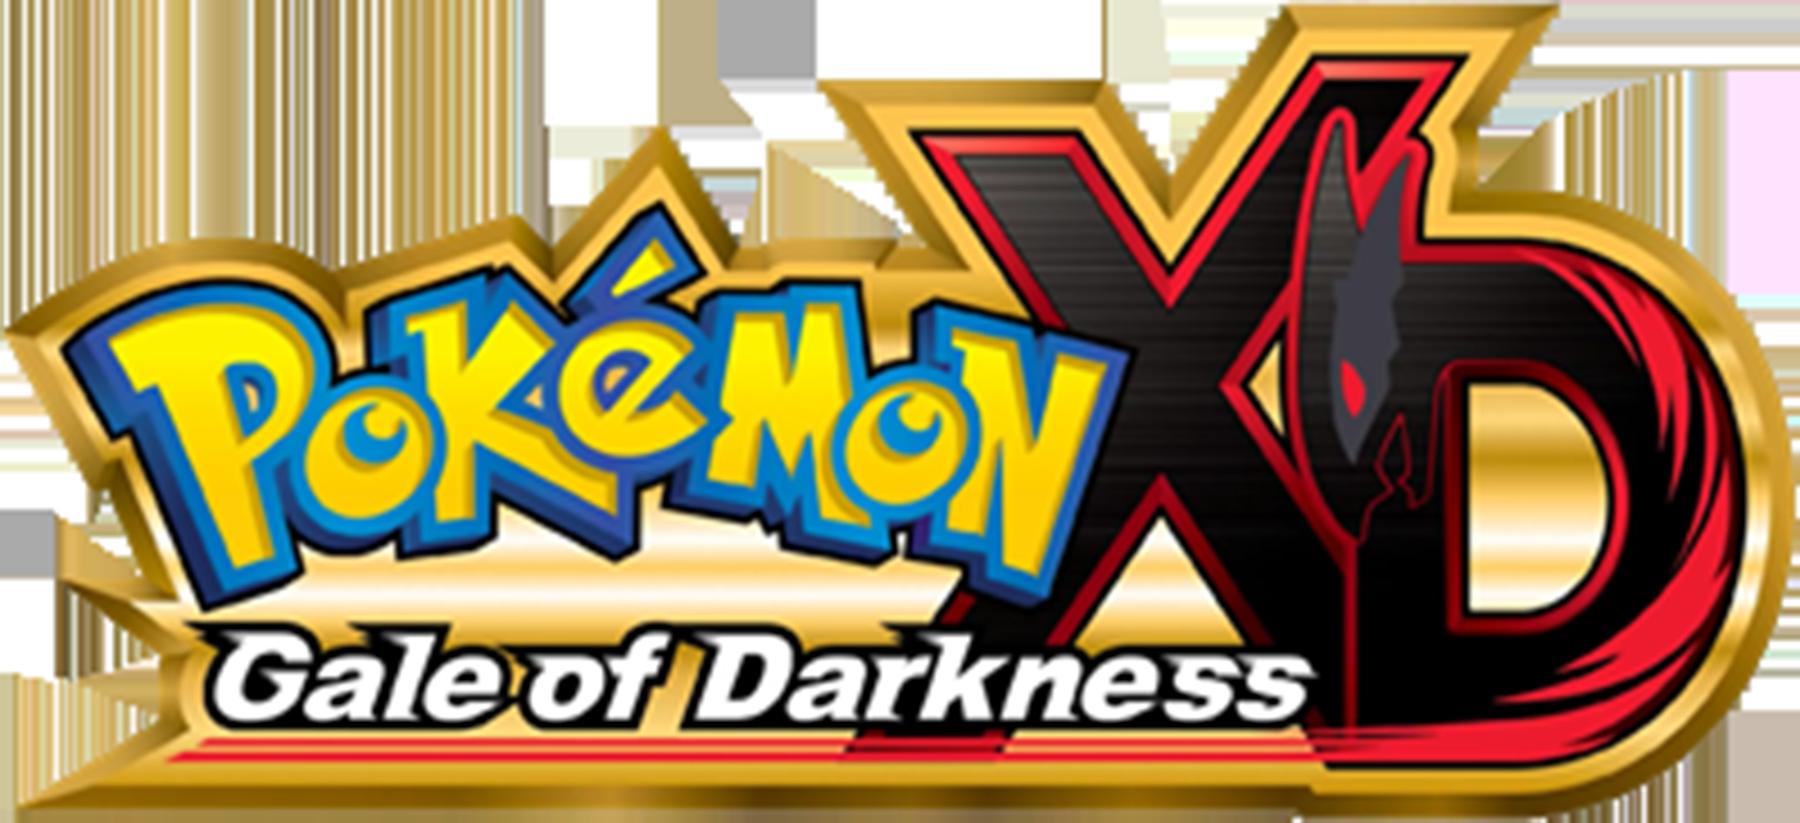 Pokémon XD Gale of Darkness logo